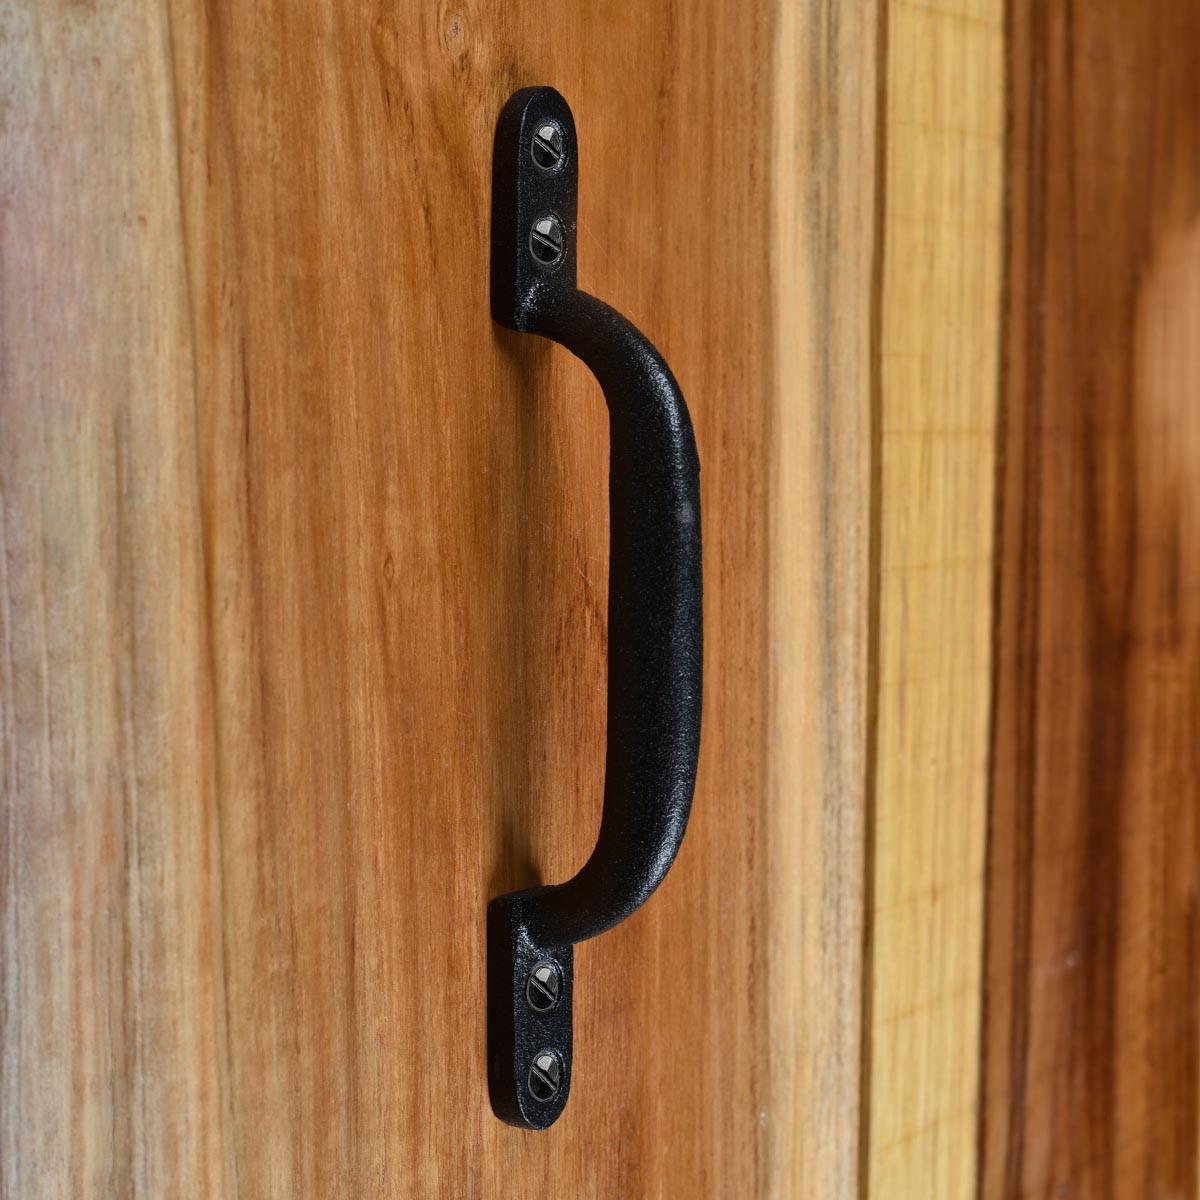 10 Door Pull Black Wrought Iron Pull 6 Door Pull Door Pulls